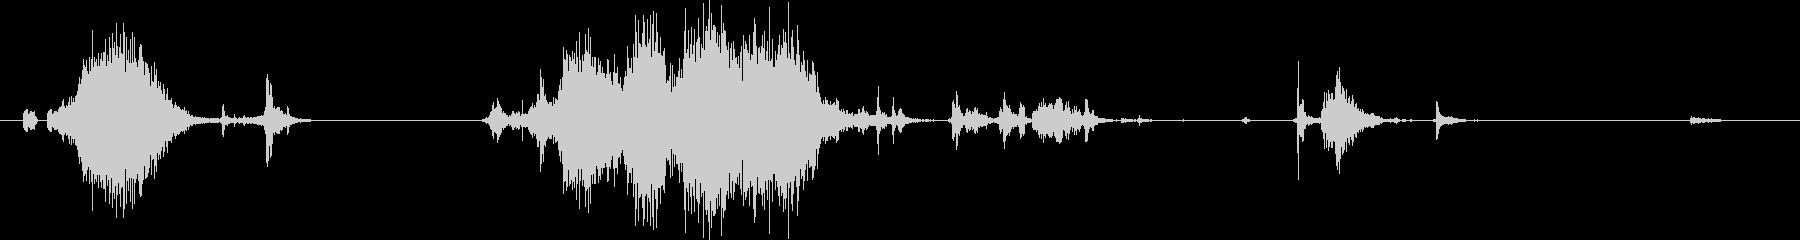 【銃】カチャッ!リロード音01【FPS】の未再生の波形